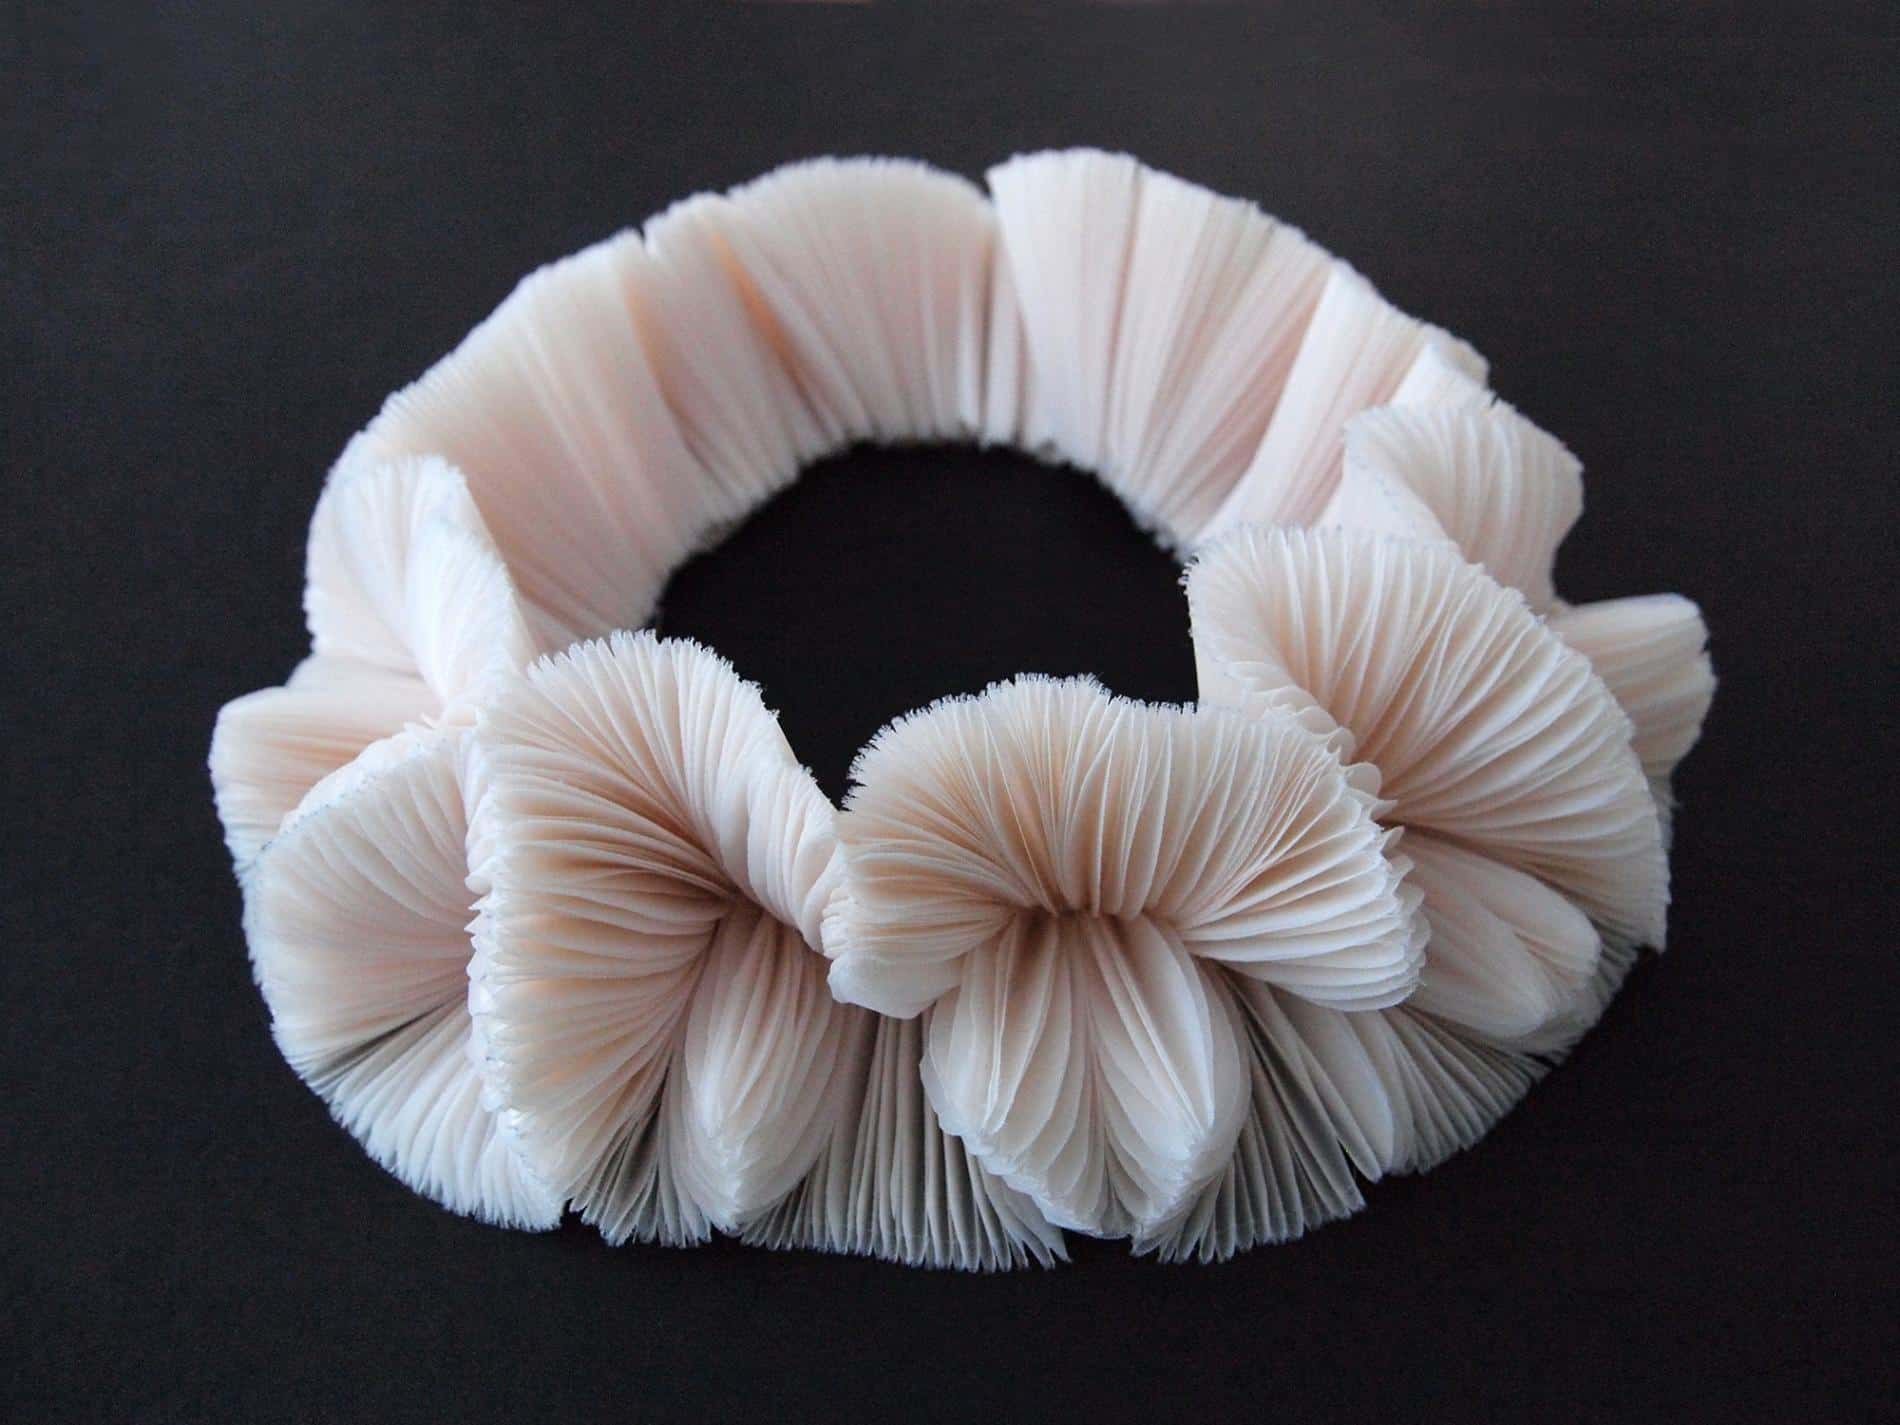 kusumoto textiles traslucidos accesorios moda